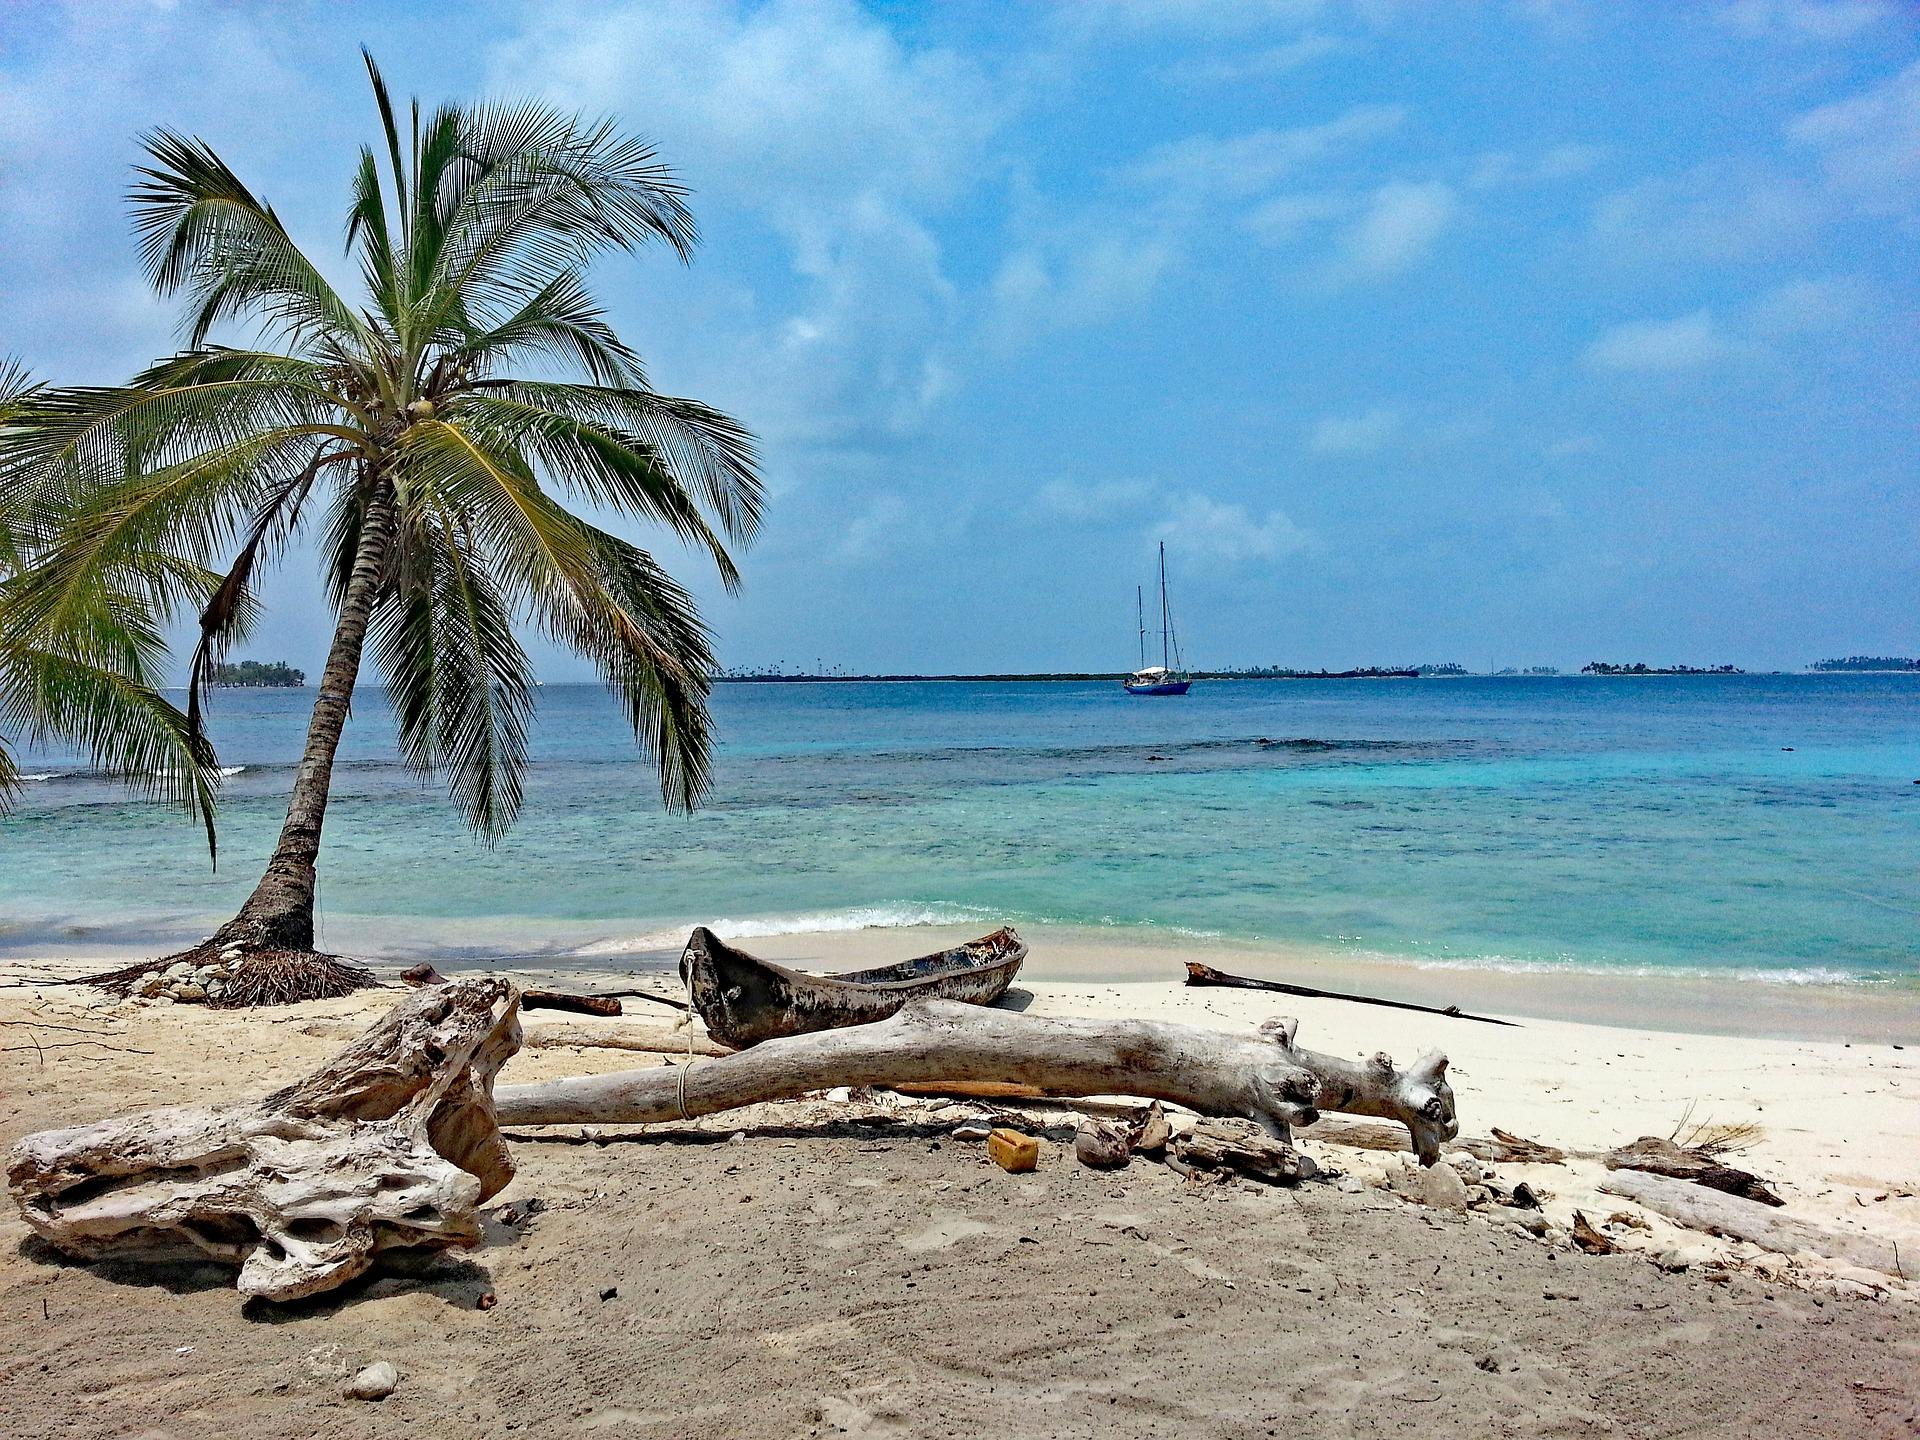 Urlaub in Panama City günsitg ab 658,00€ eine Woche - Rail & Fly+Flug & Hotel